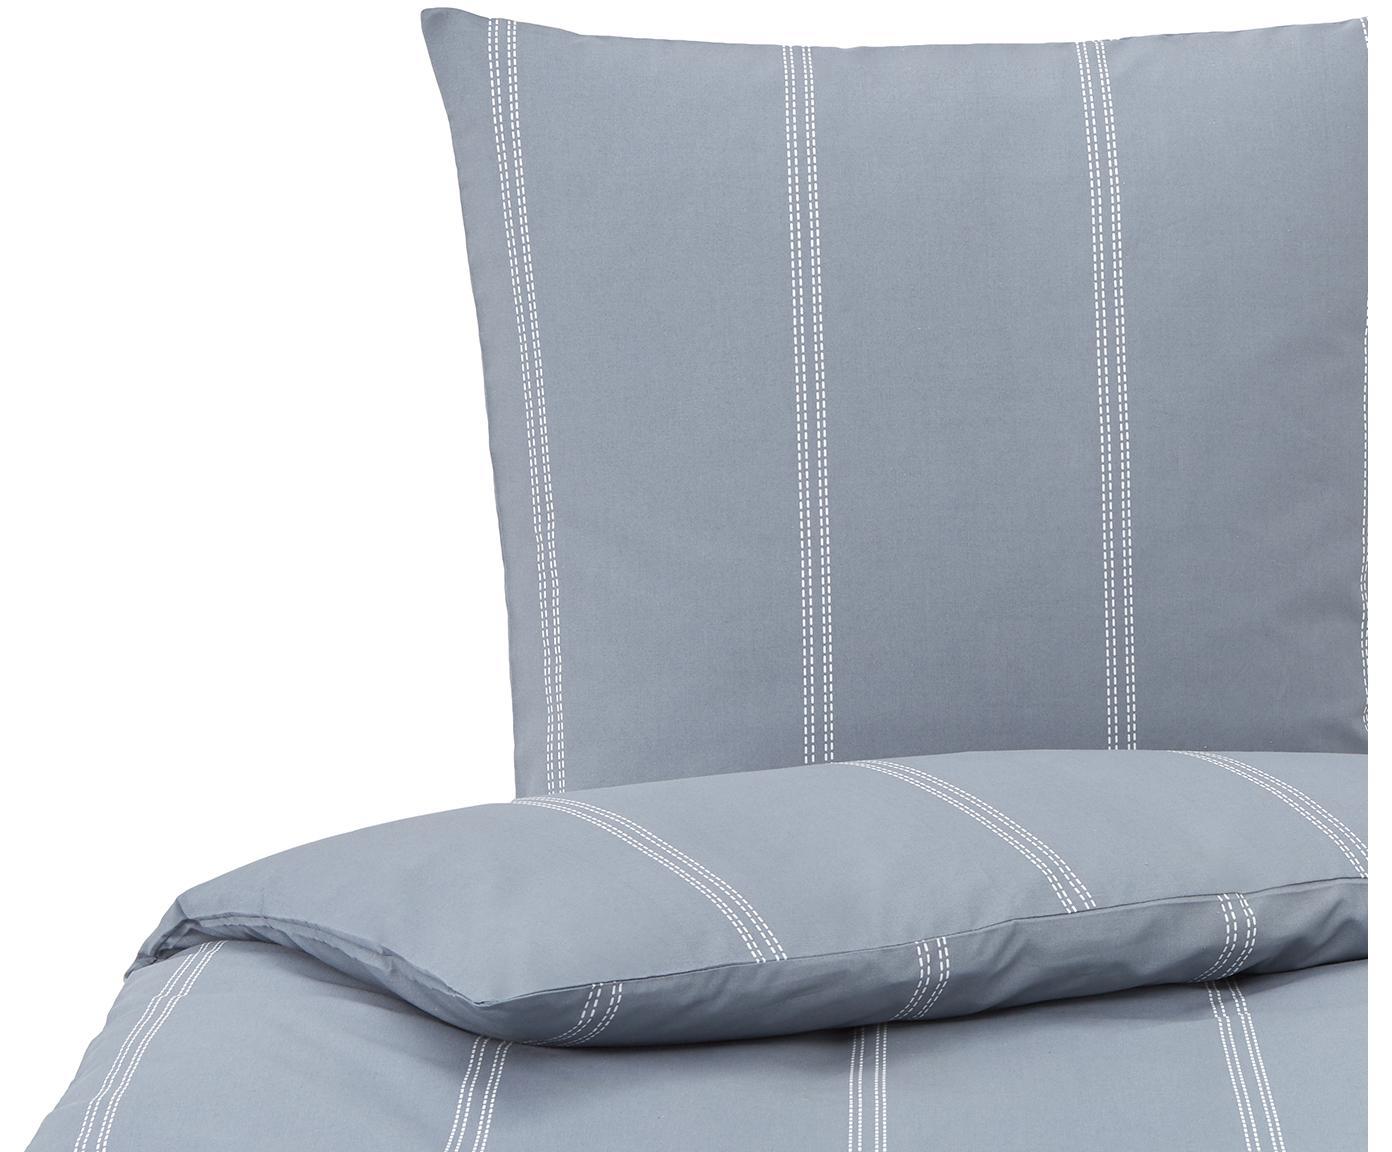 Pościel Remade, 52% poliester z recyklingu, 48% bawełna z recyklingu, Niebieski, biały, 135 x 200 cm